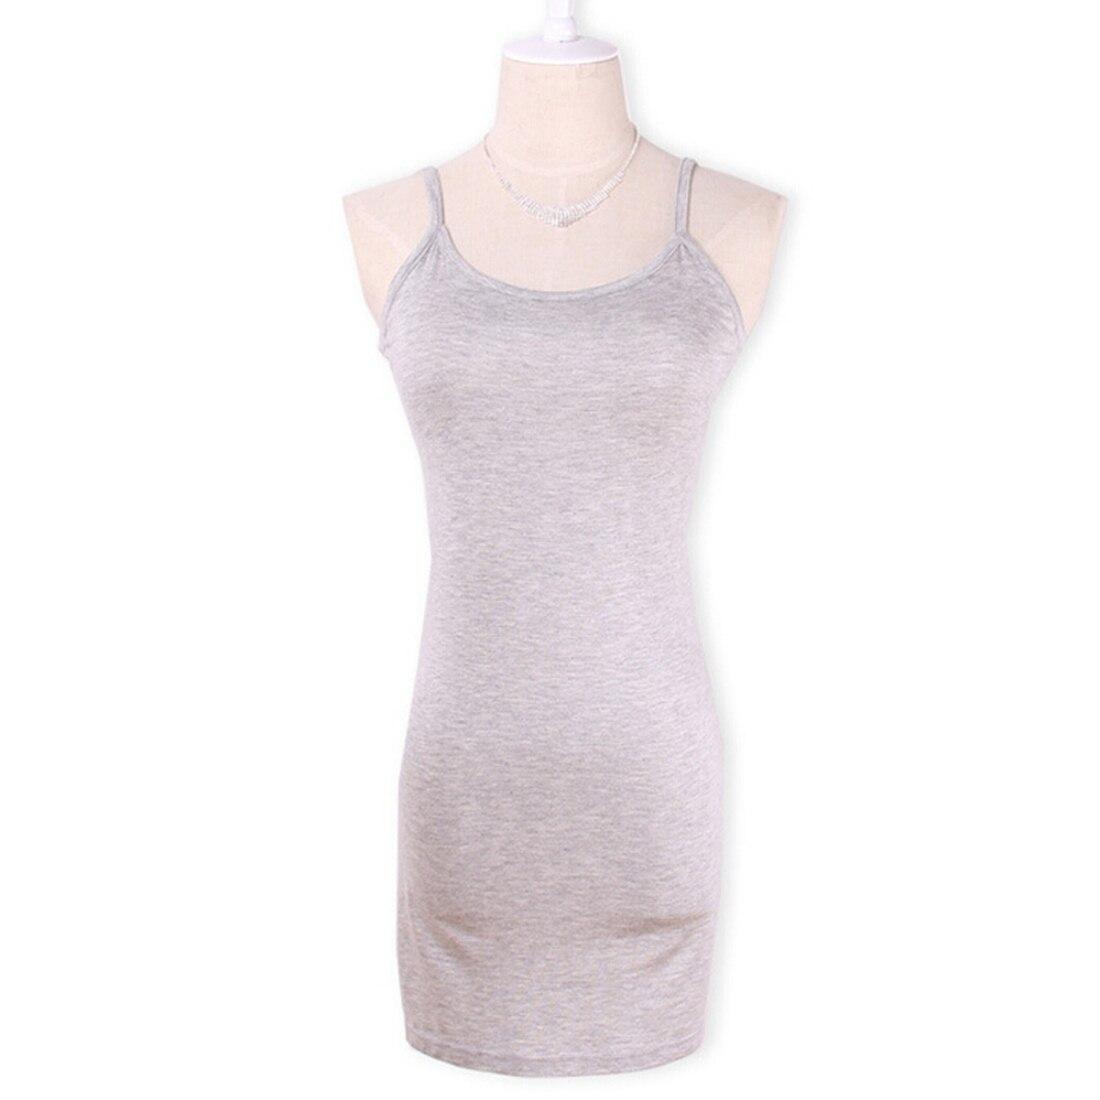 Новинка, Женская эластичная кофточка на бретельках, Длинный топ на бретелях, Мини Короткое платье, летнее повседневное сексуальное платье без рукавов для женщин - Цвет: light gray